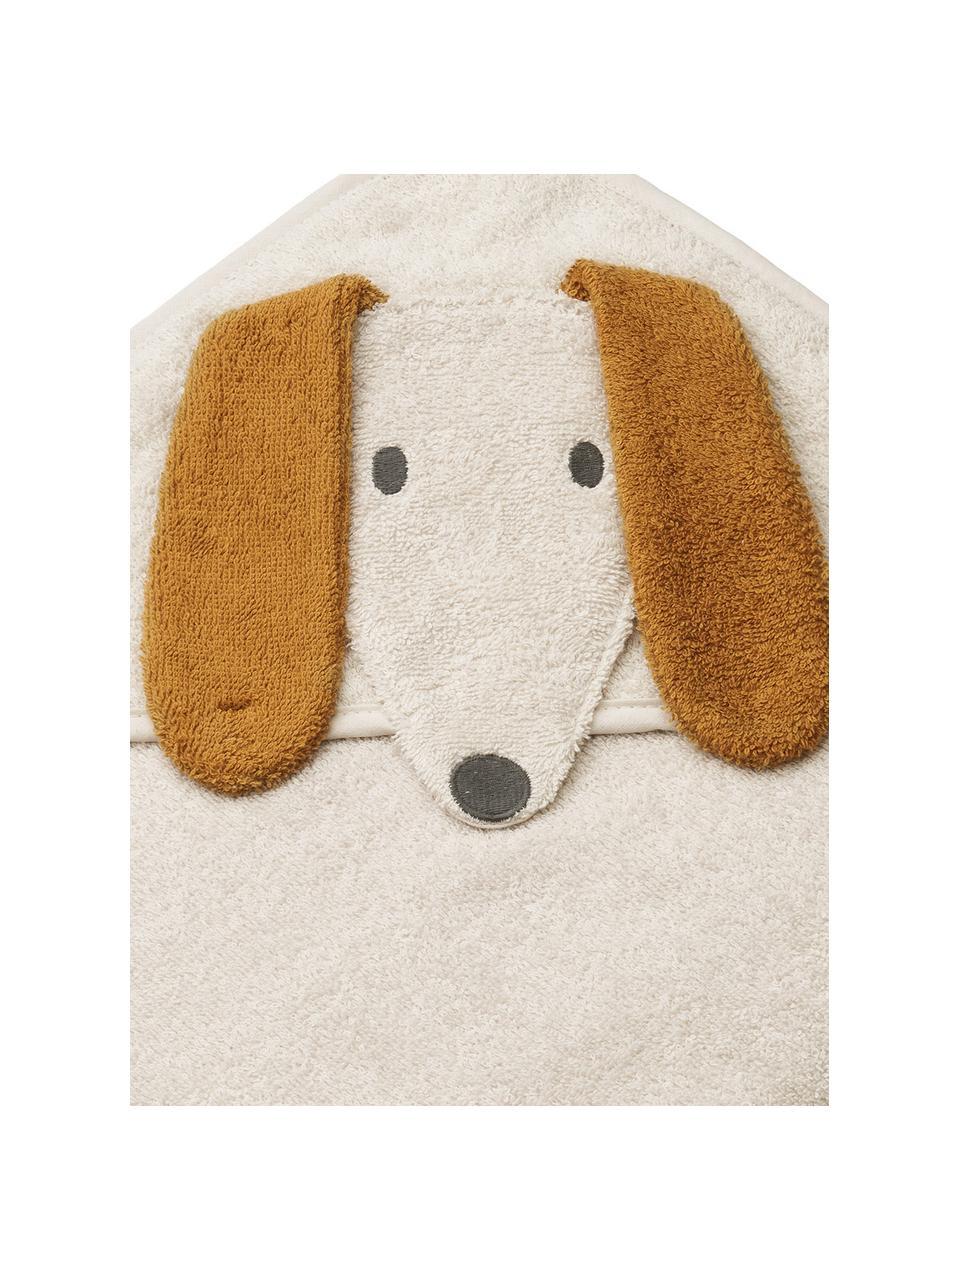 Asciugamano per bambini Dog, 100% cotone biologico, Beige, Larg. 100 x Lung. 100 cm